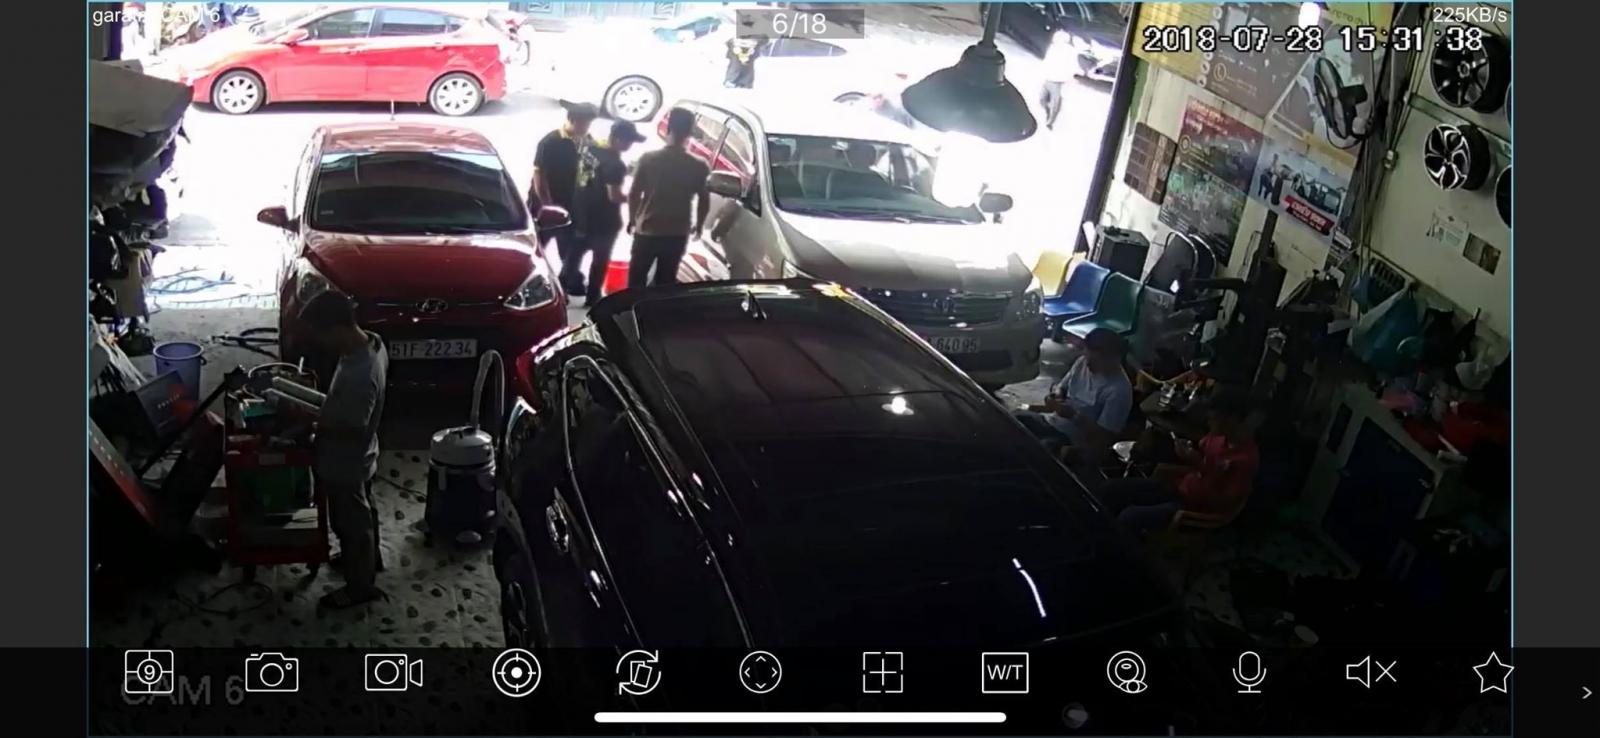 Nhượng quyền hợp tác cách mở gara tiệm đồ chơi xe hơi hiệu quả